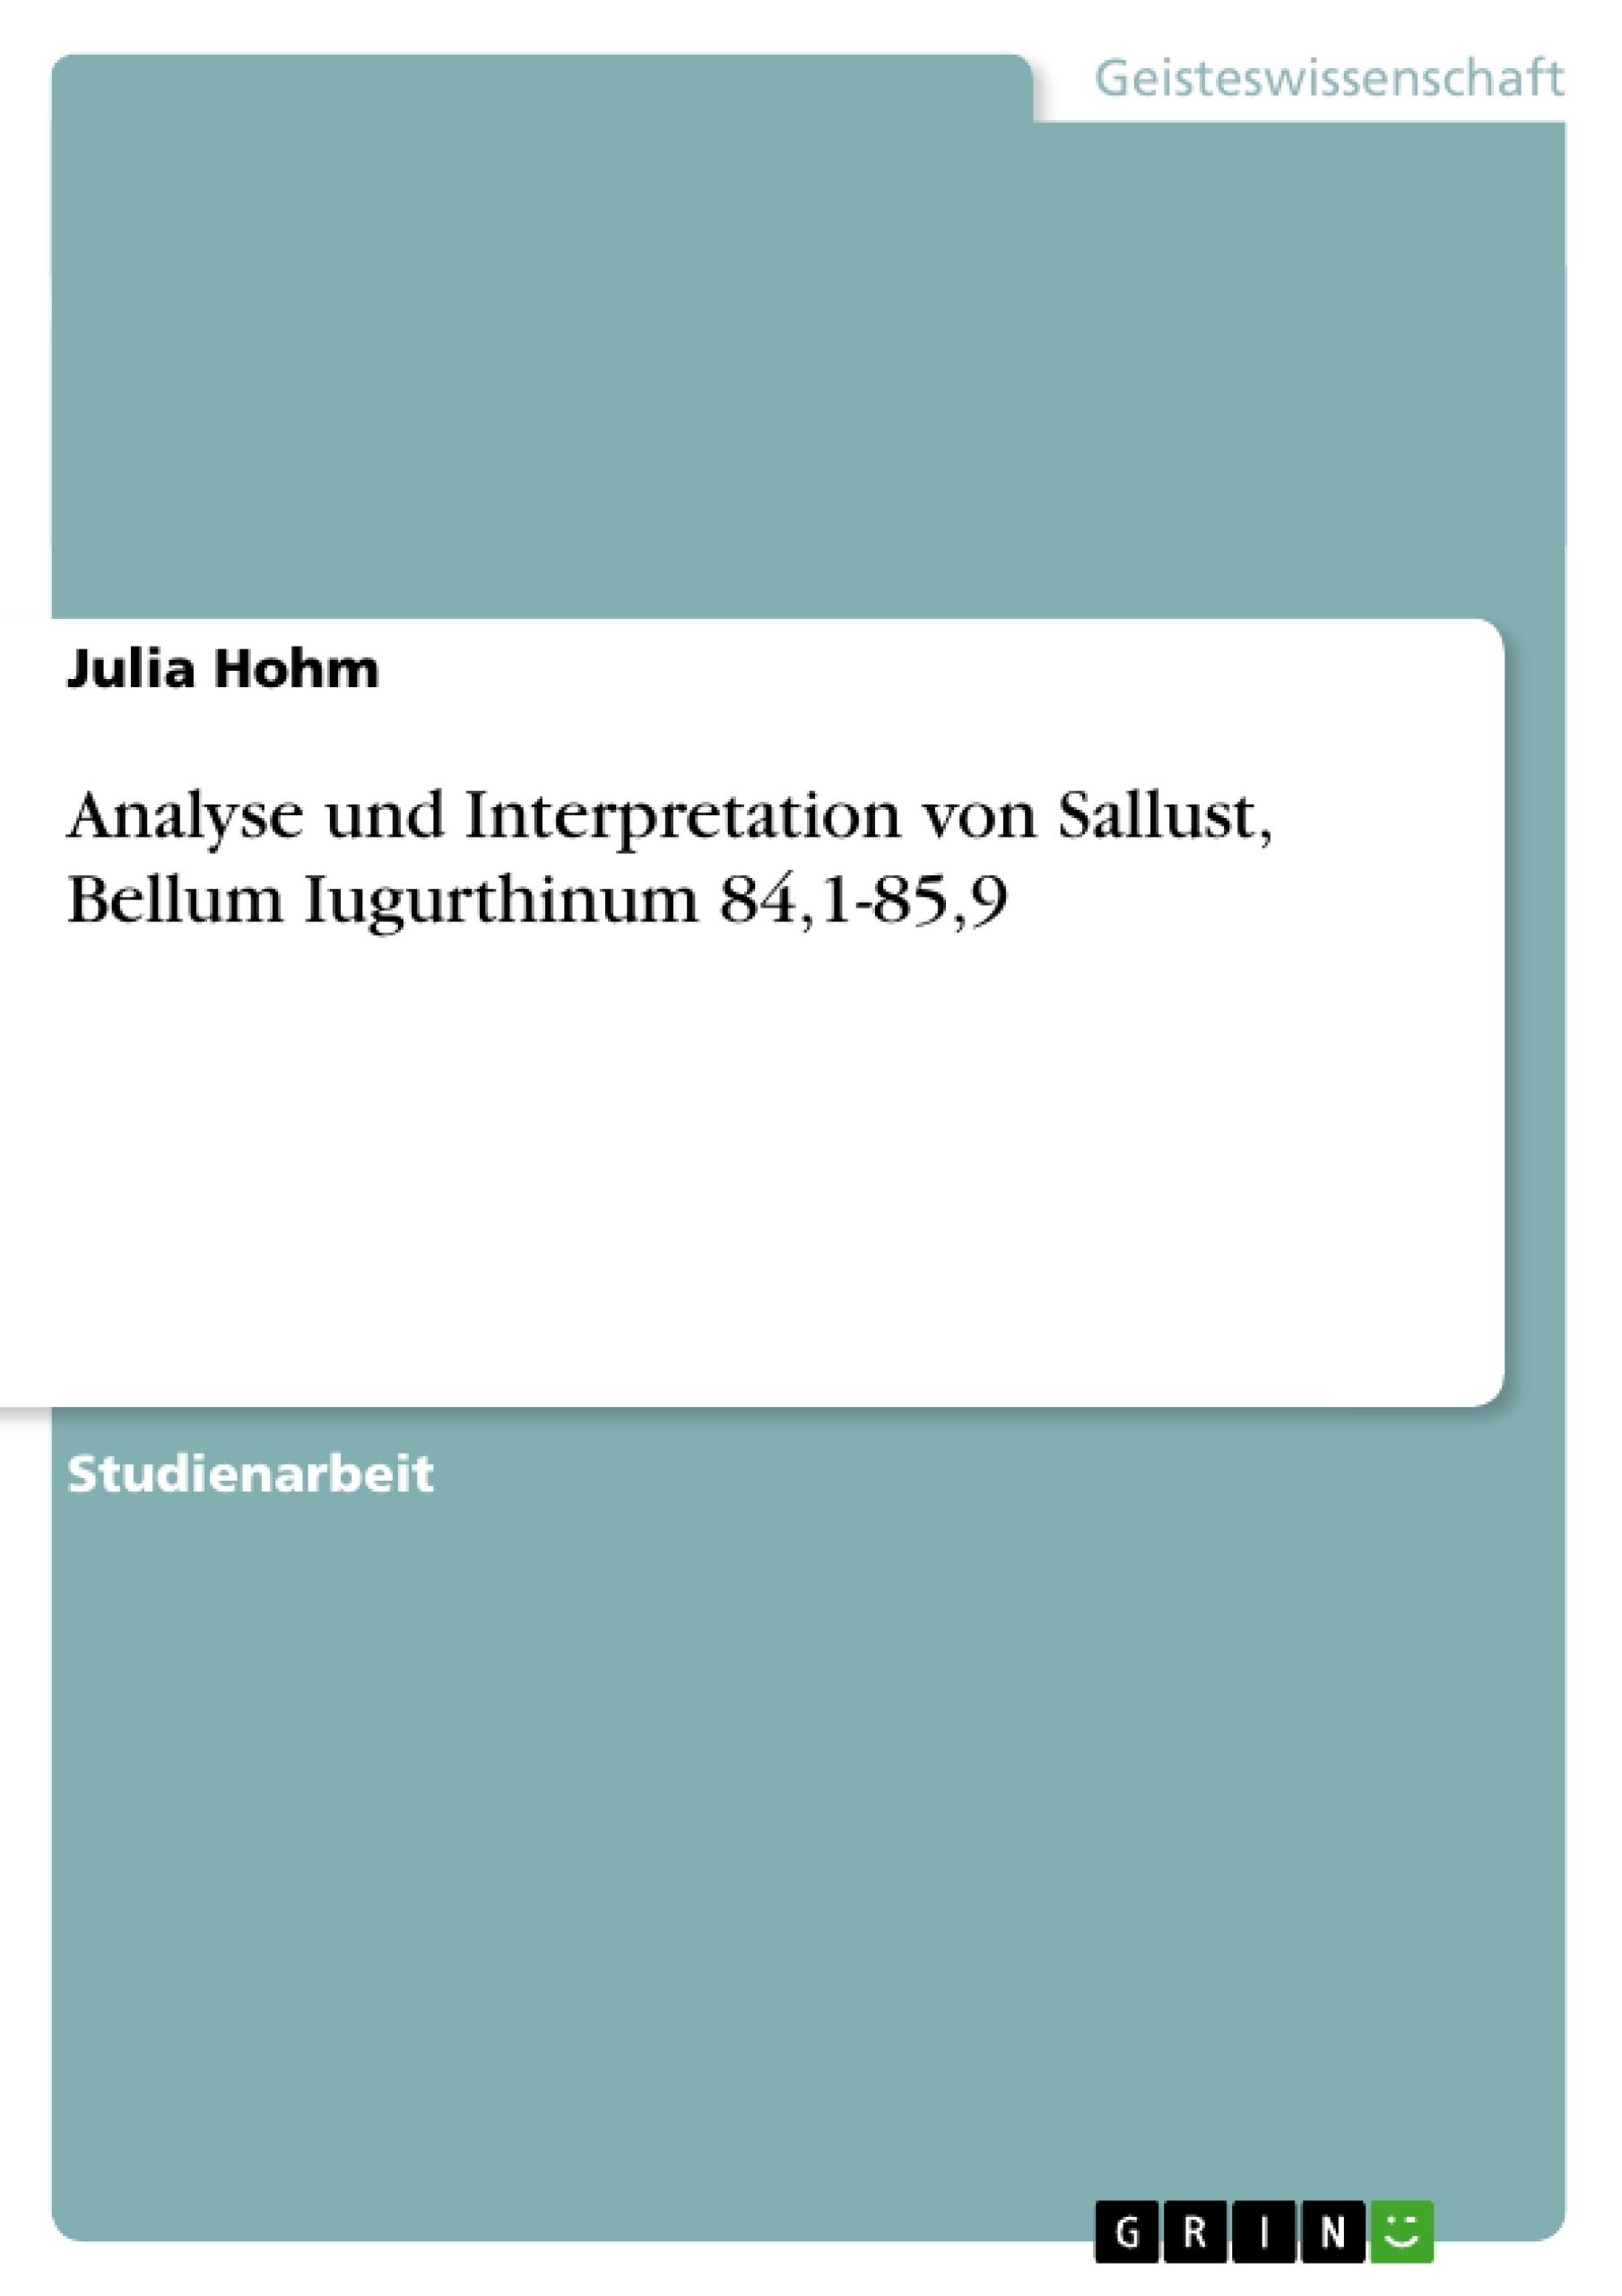 Titel: Analyse und Interpretation von Sallust, Bellum Iugurthinum 84,1-85,9